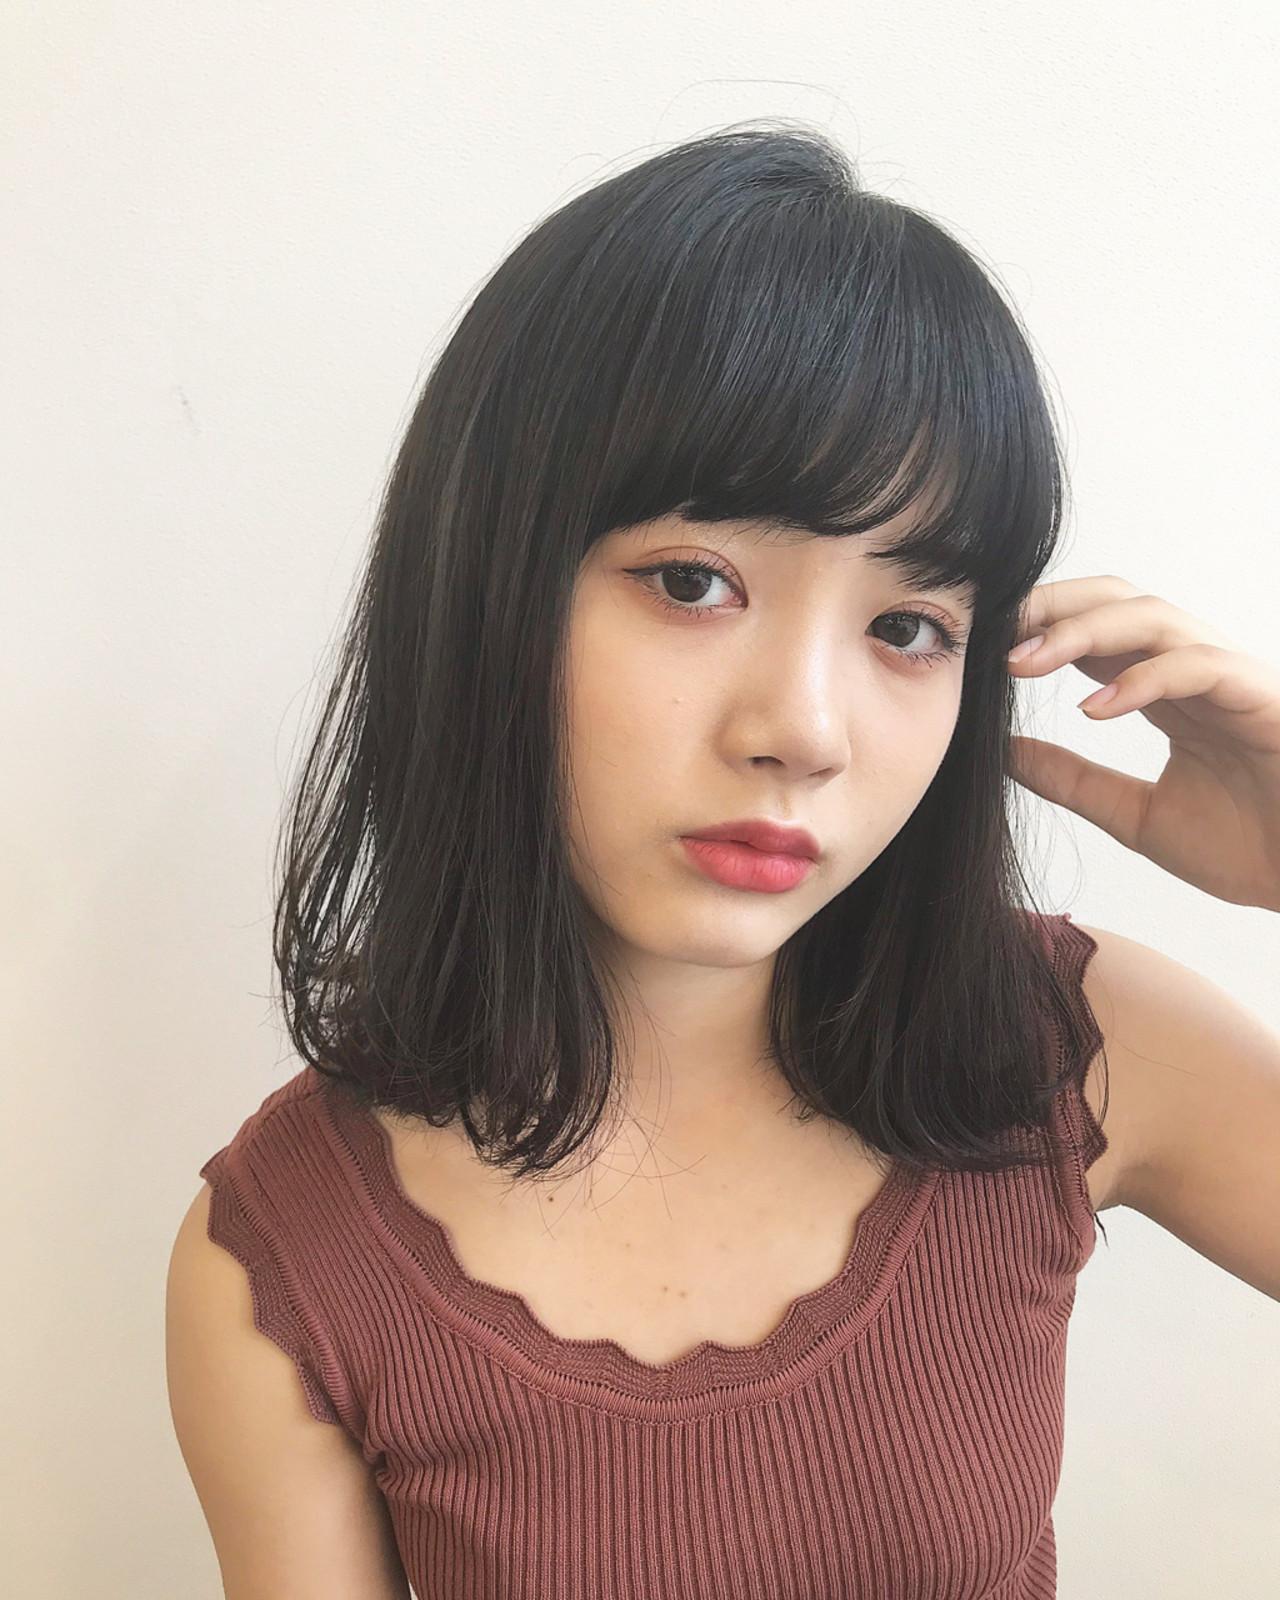 ふんわり♡ワンカールミディアム 阿比留 奨太 【sand】